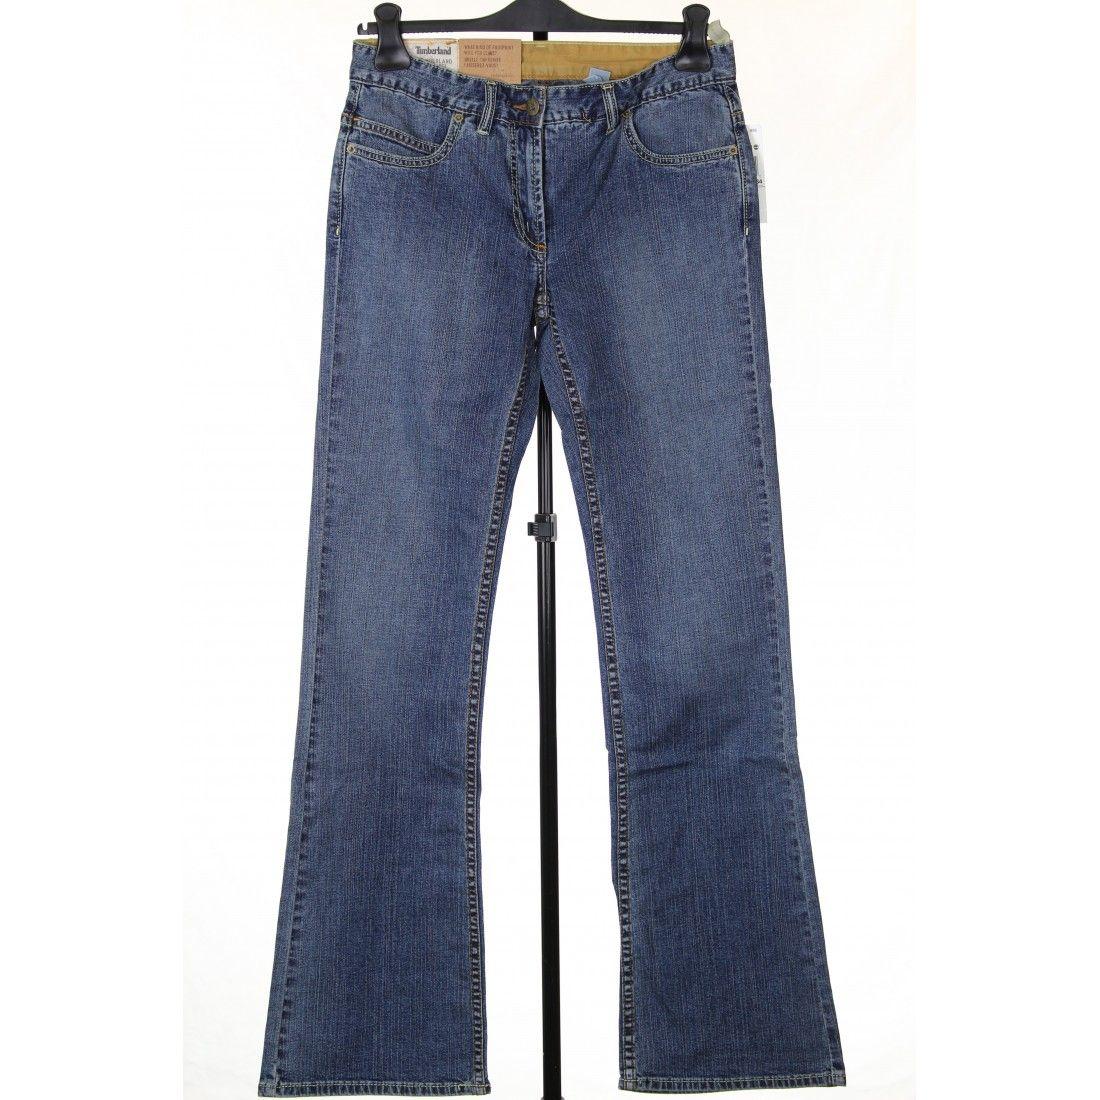 Spodnie dżinsowe Timberland